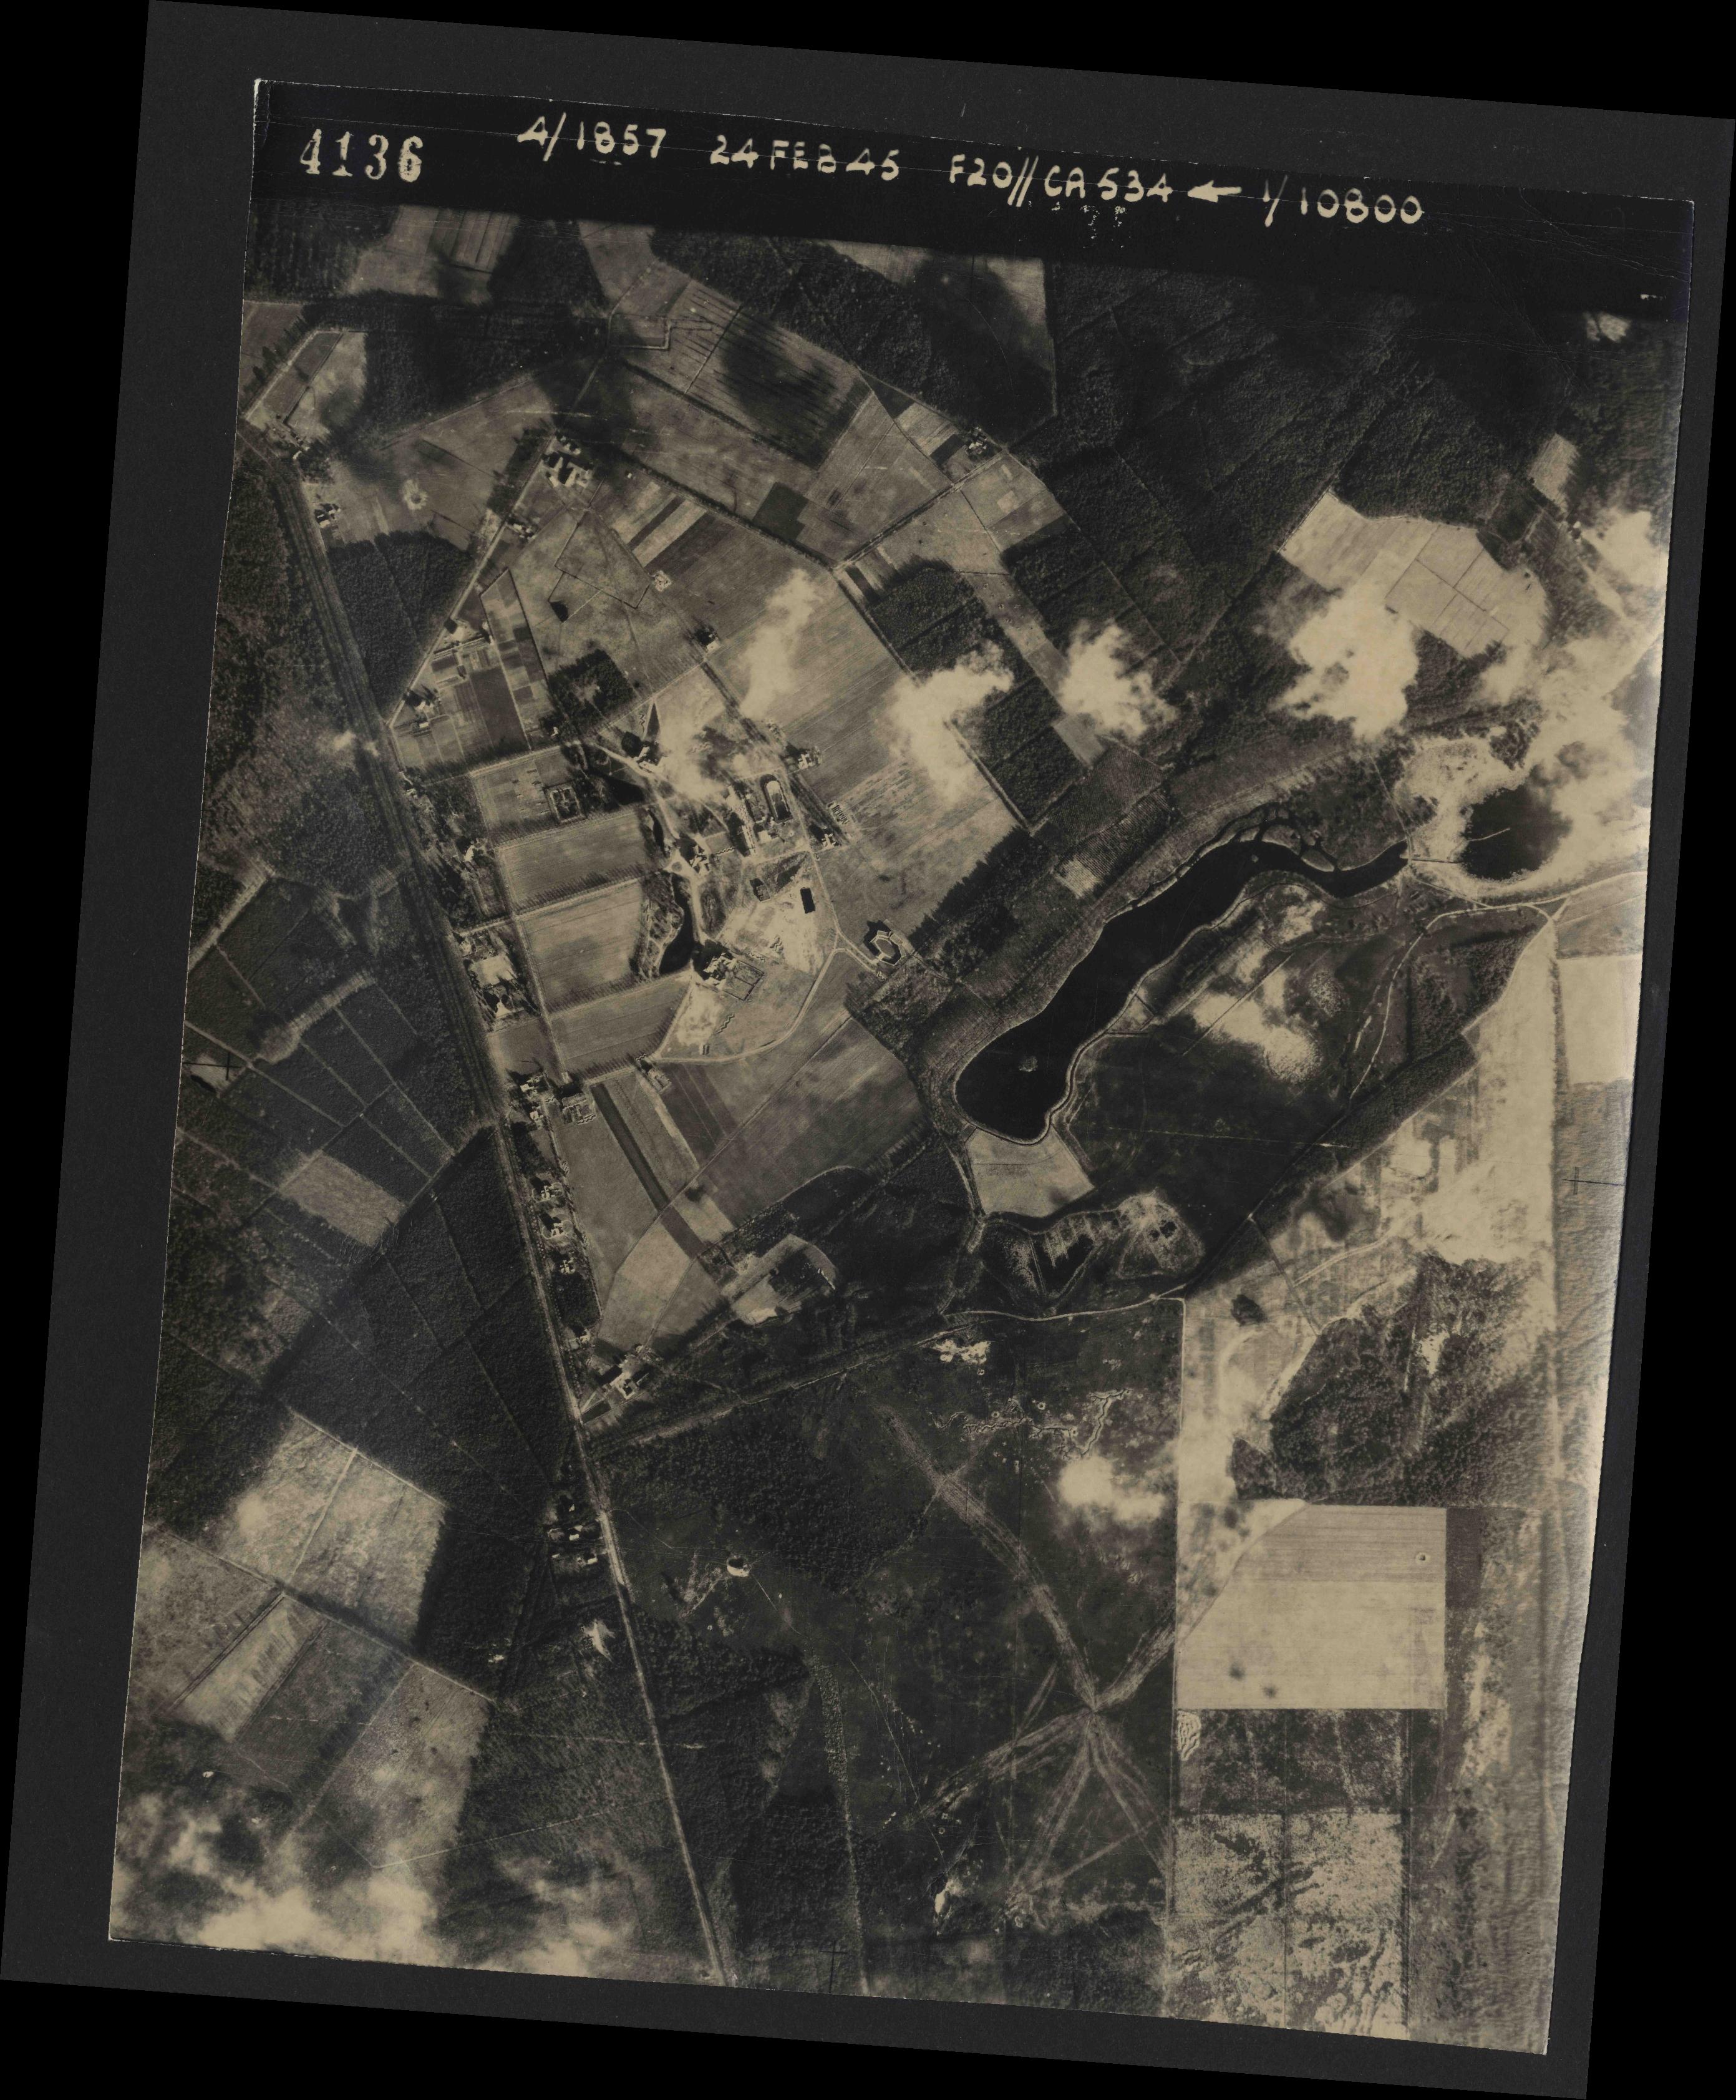 Collection RAF aerial photos 1940-1945 - flight 073, run 01, photo 4136